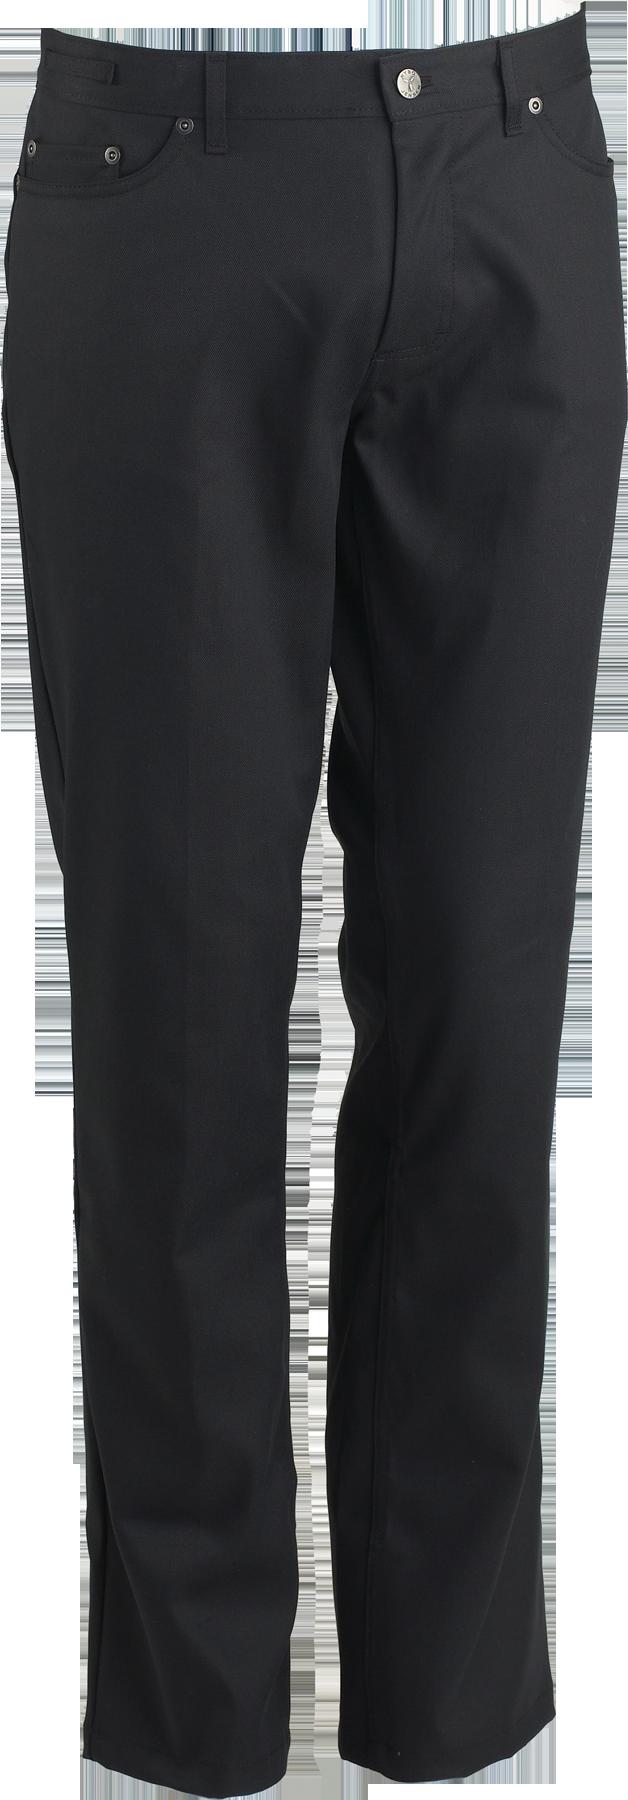 Jeans w. extra length, Harmony (205123102)